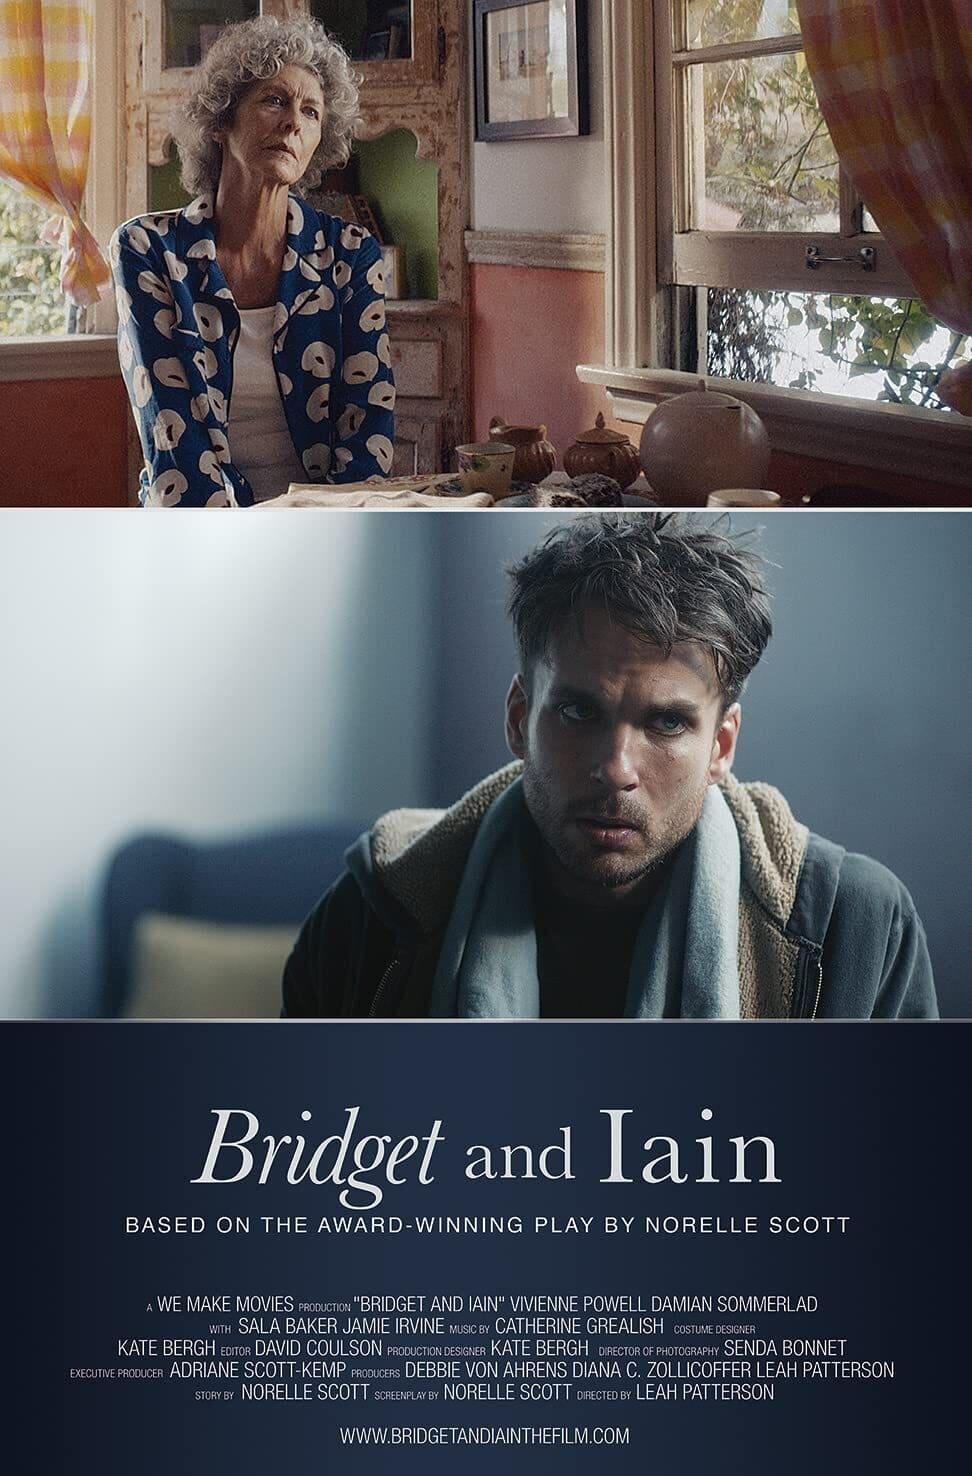 Bridget and Iain